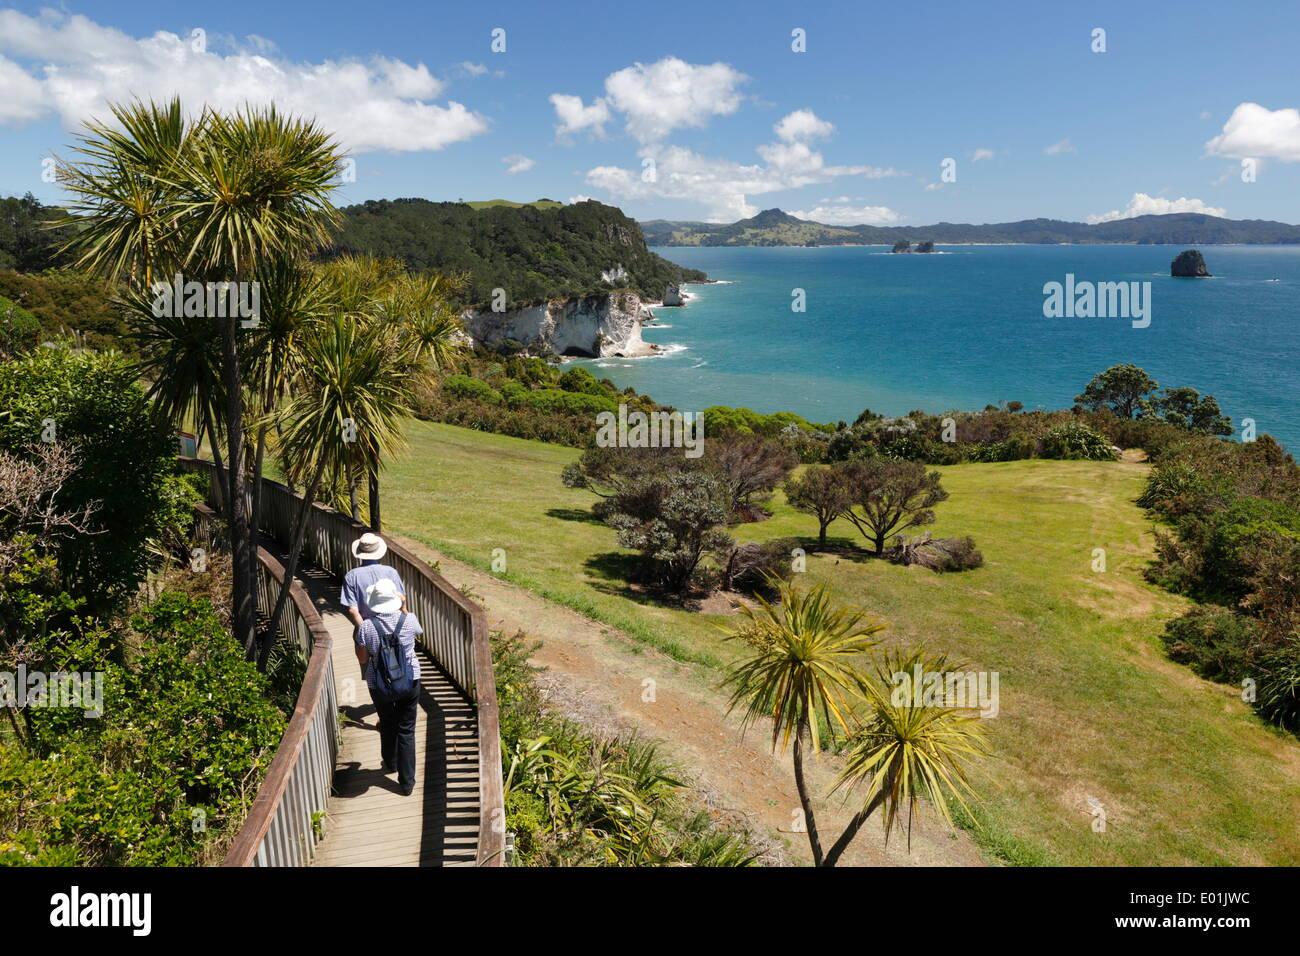 Vista a lo largo de la Catedral Cove Reserva recreativa, Hahei, península Coromandel, Waikato, Isla del Norte, Nueva Zelanda, el Pacífico Imagen De Stock